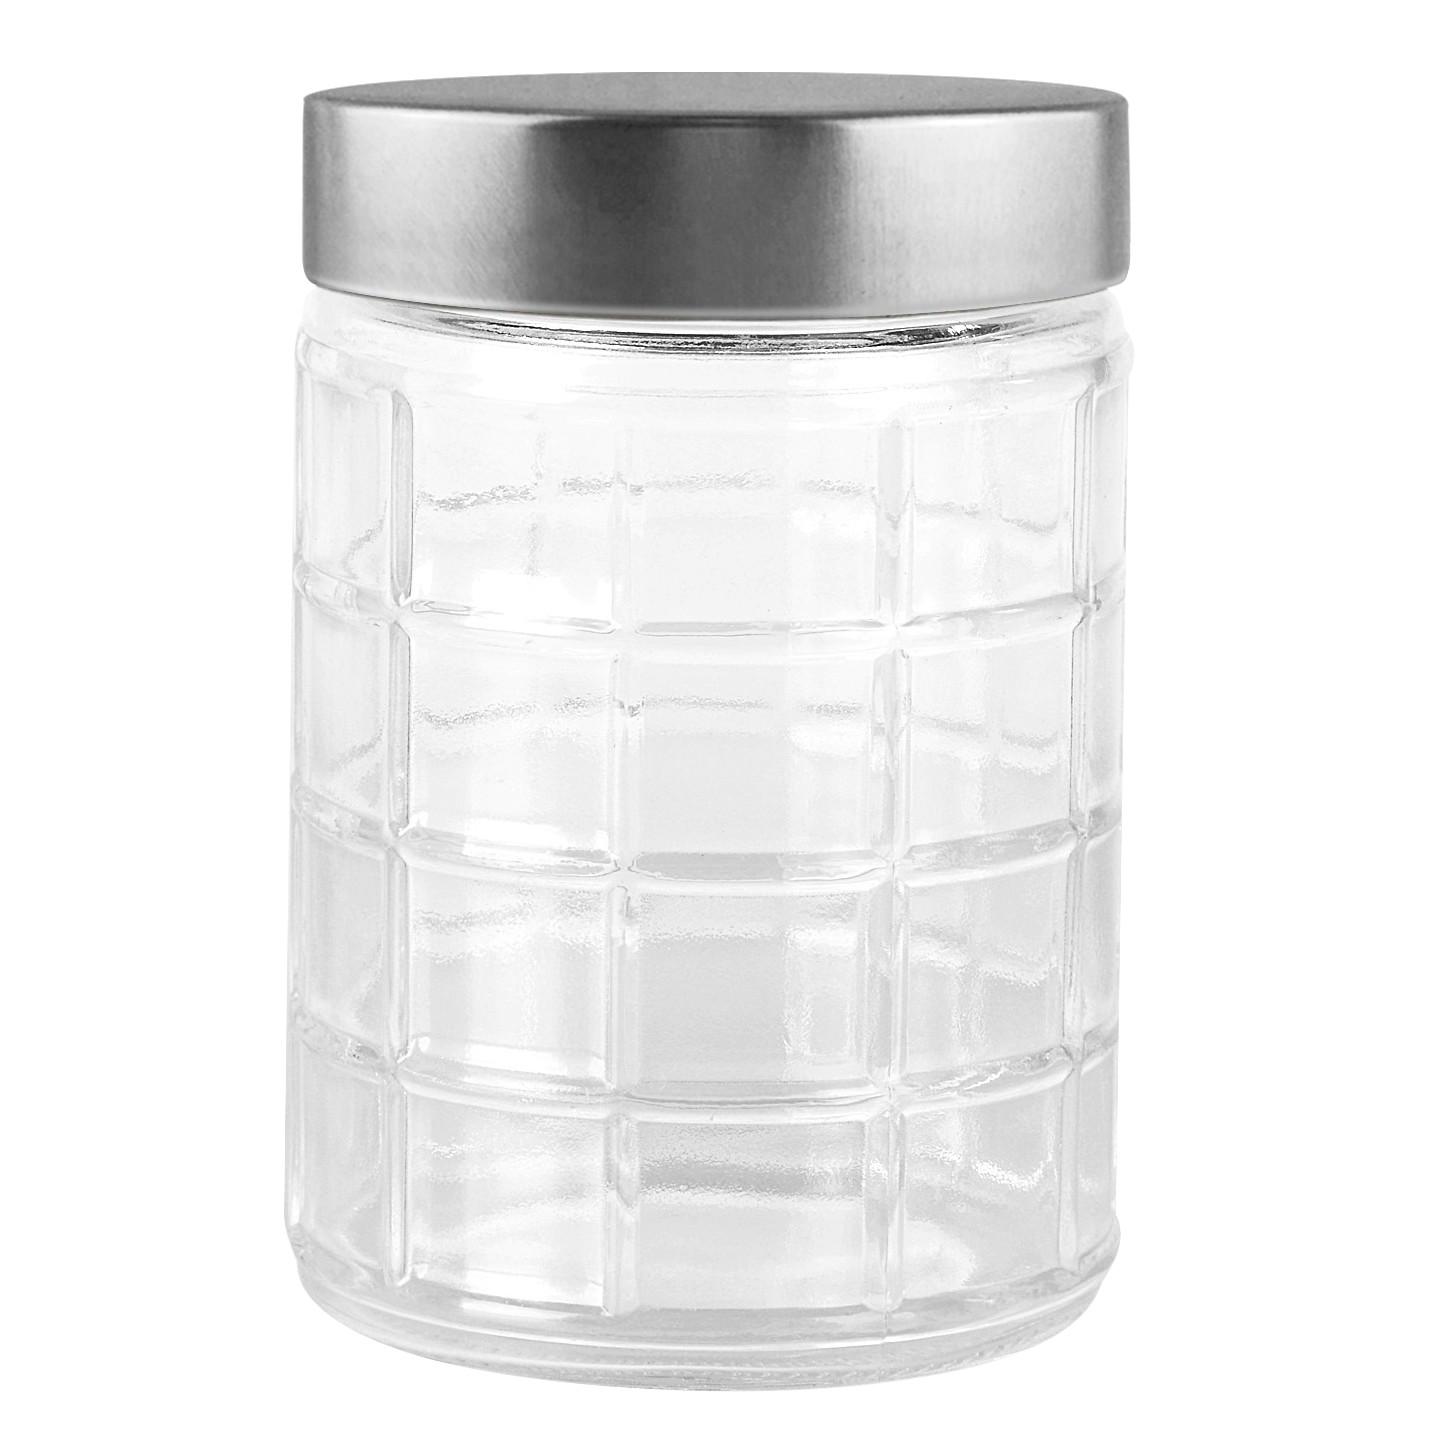 Pote de Vidro Redondo 12L com Tampa de Plastico Prata - Full Fit